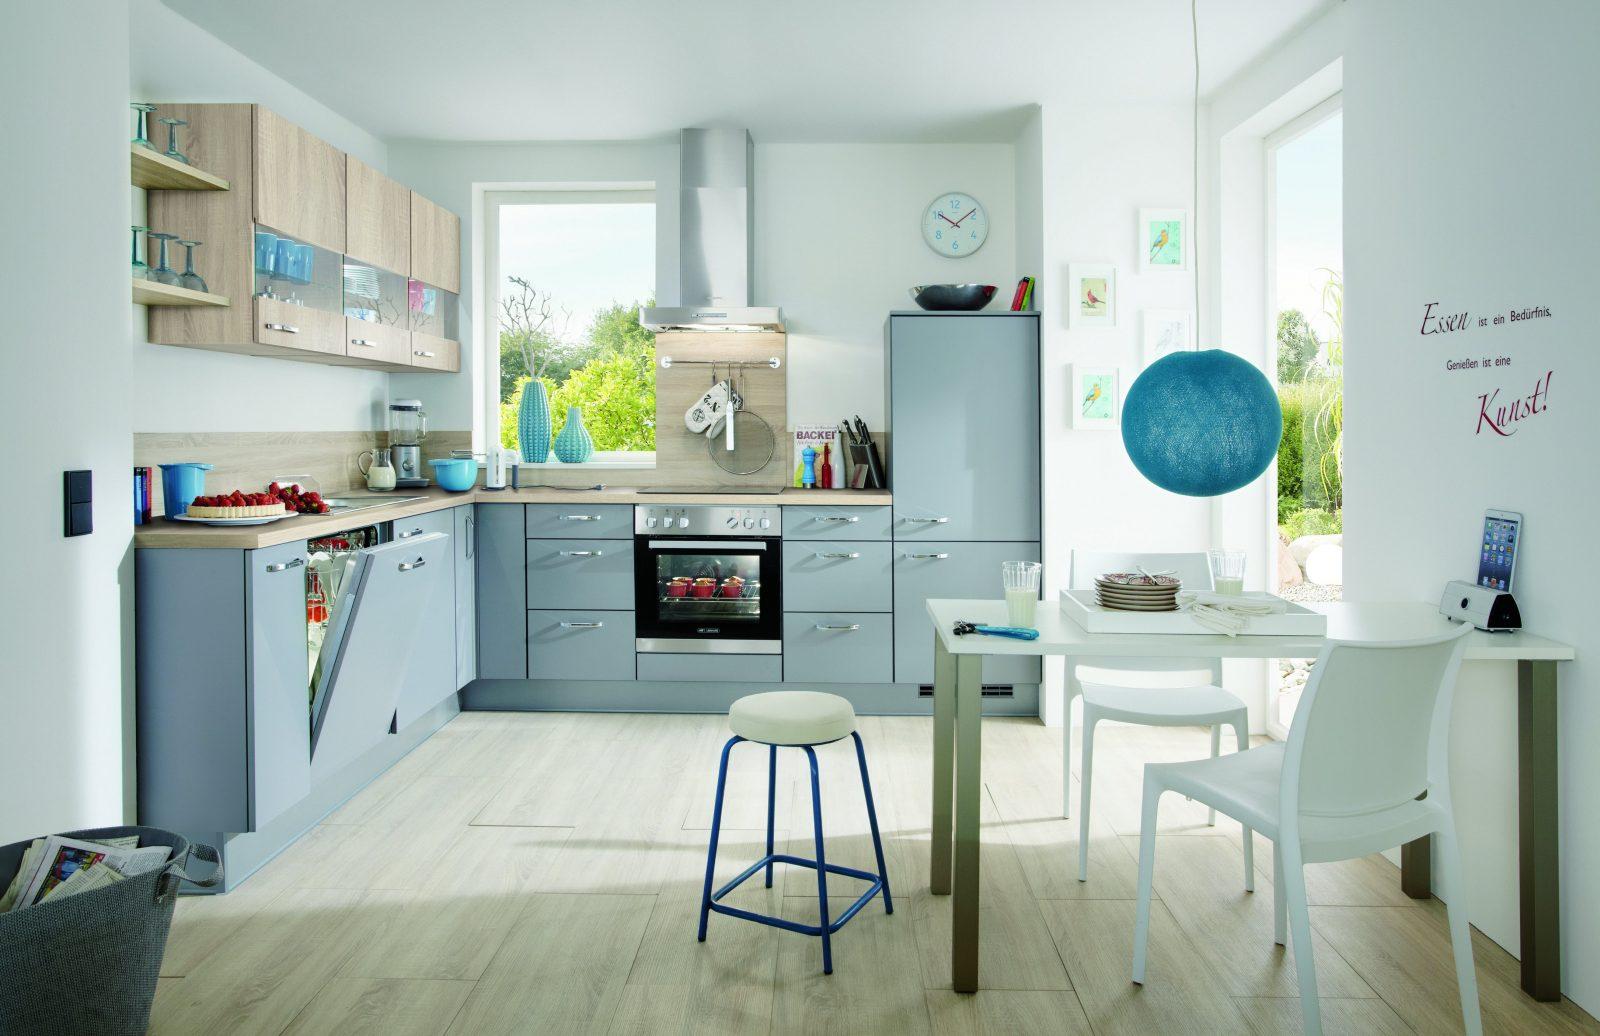 Küchenrenovierung  7 Tipps Wie Sie Ihre Alte Küche Aufmöbeln  Kücheco von Küche Neu Gestalten Renovieren Bild